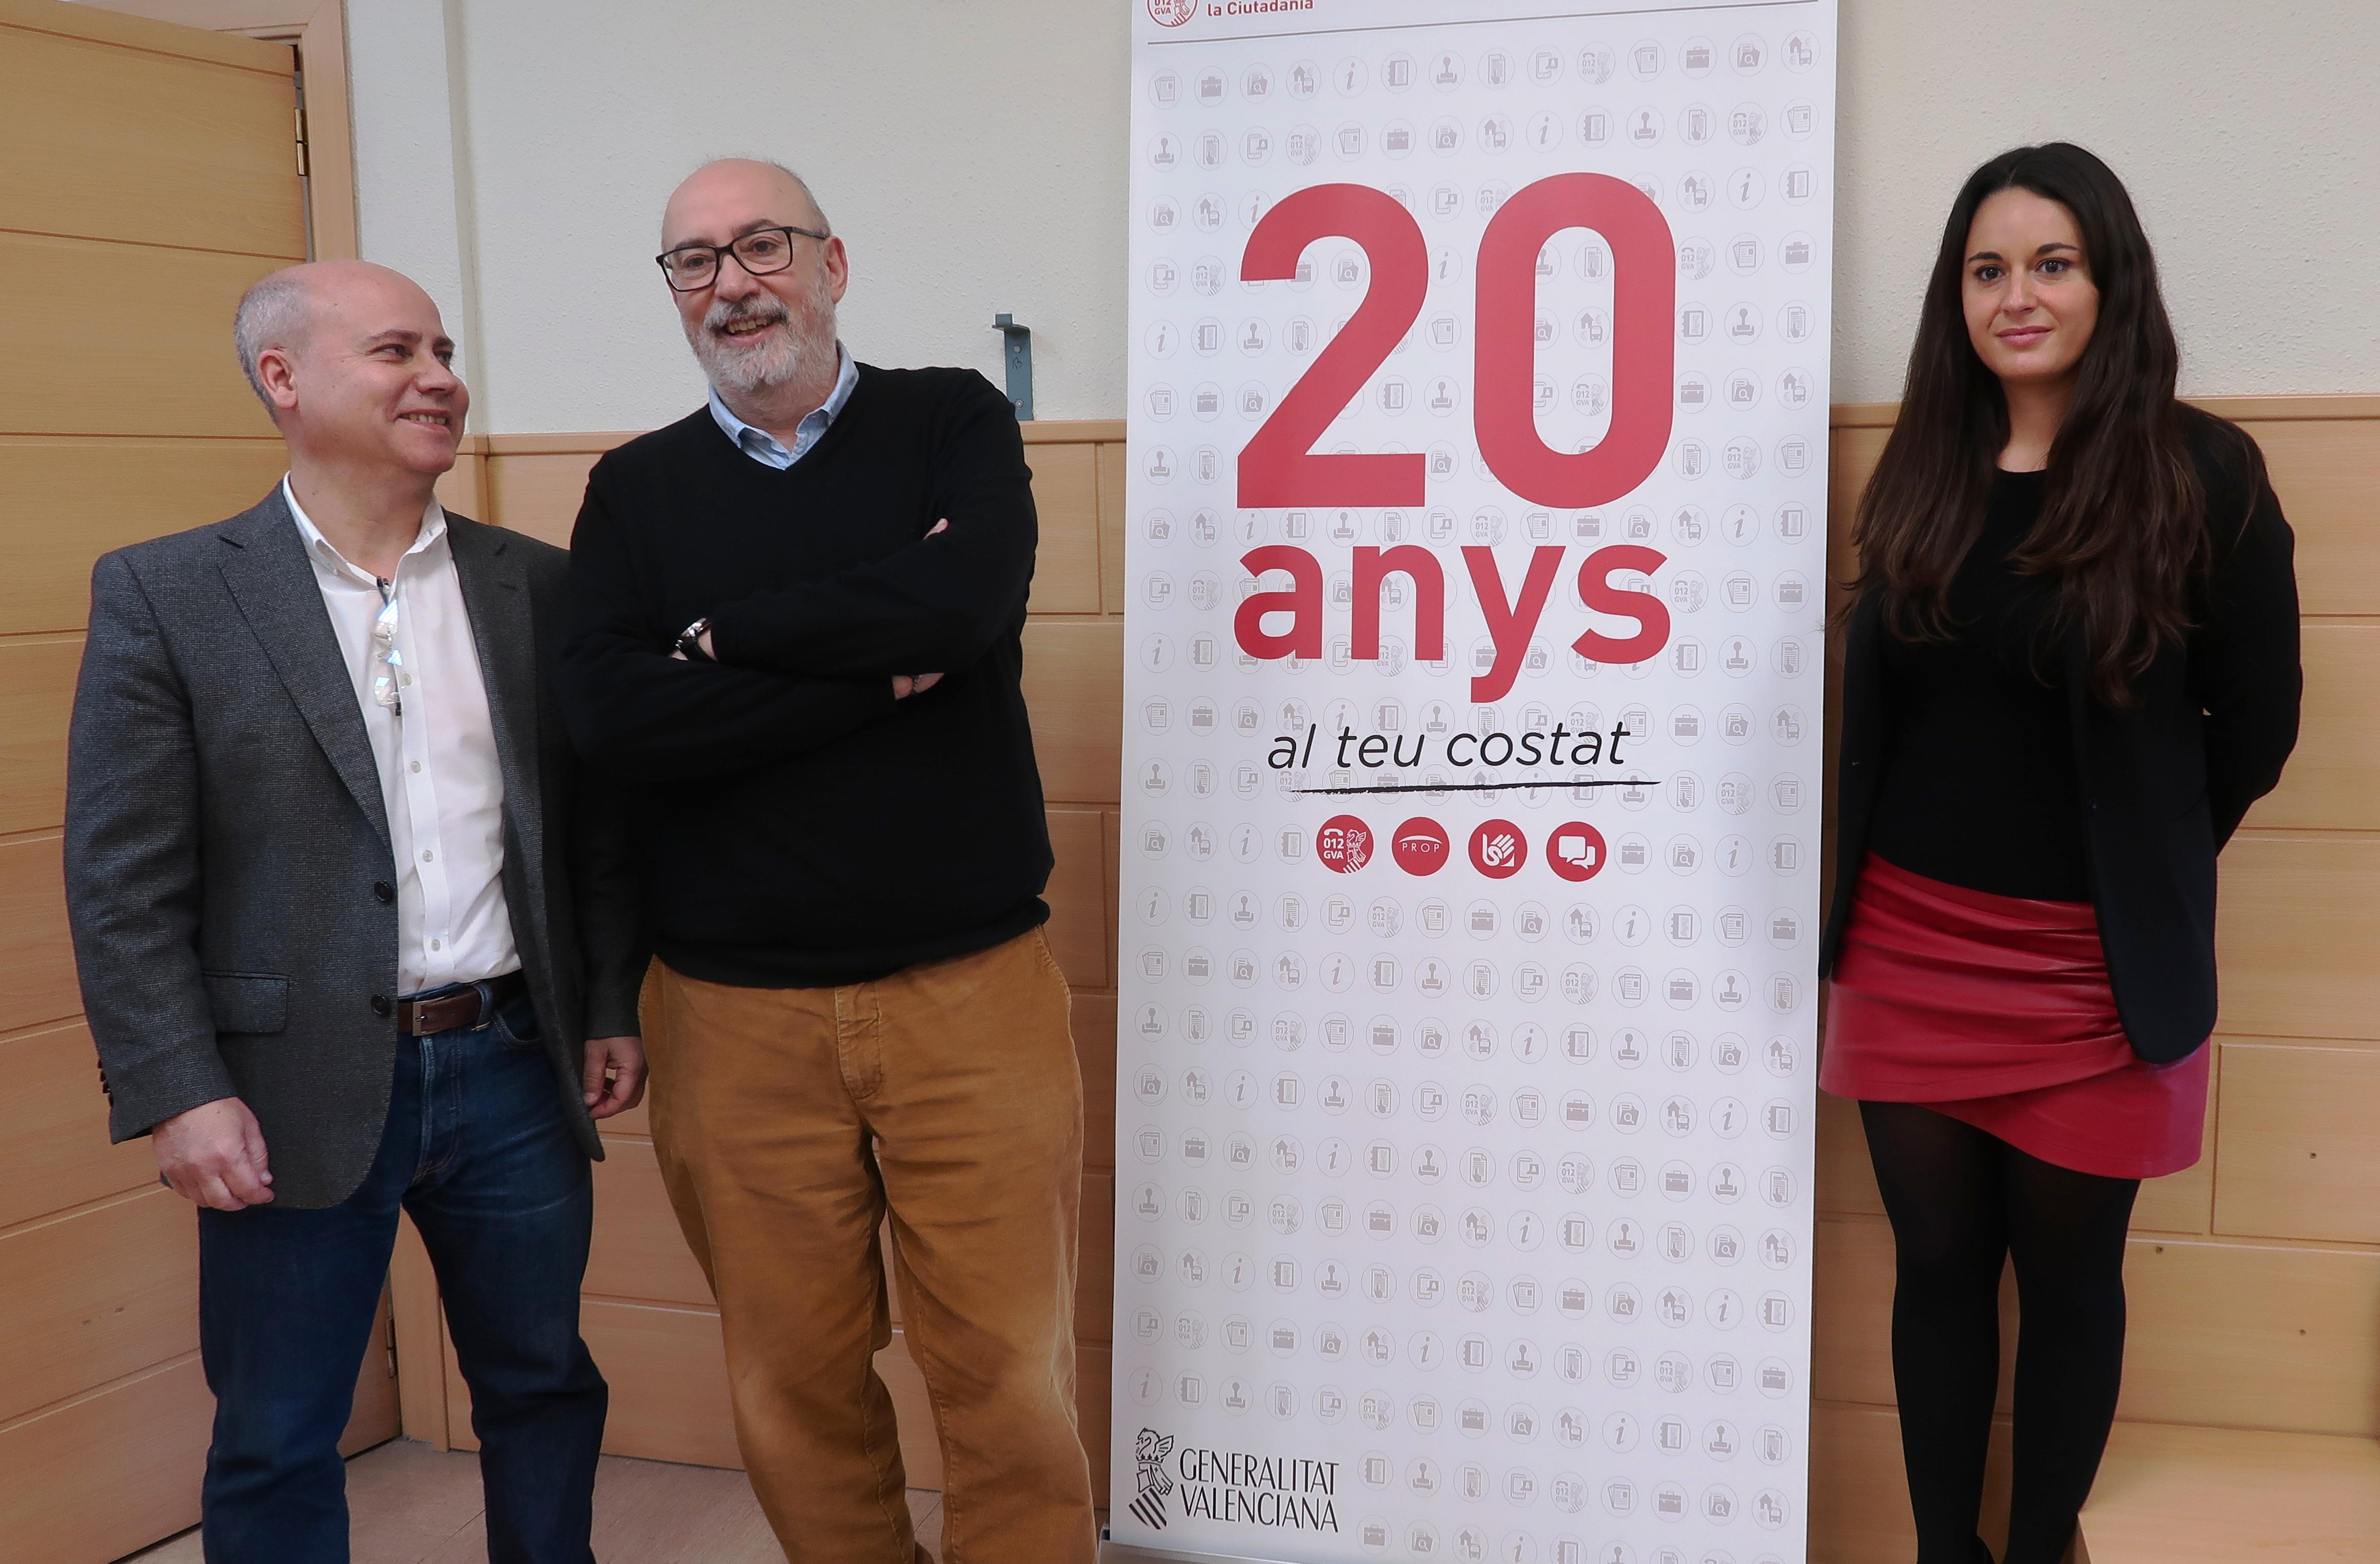 La generalitat dise a un nuevo prop el valenciano for Oficinas prop valencia